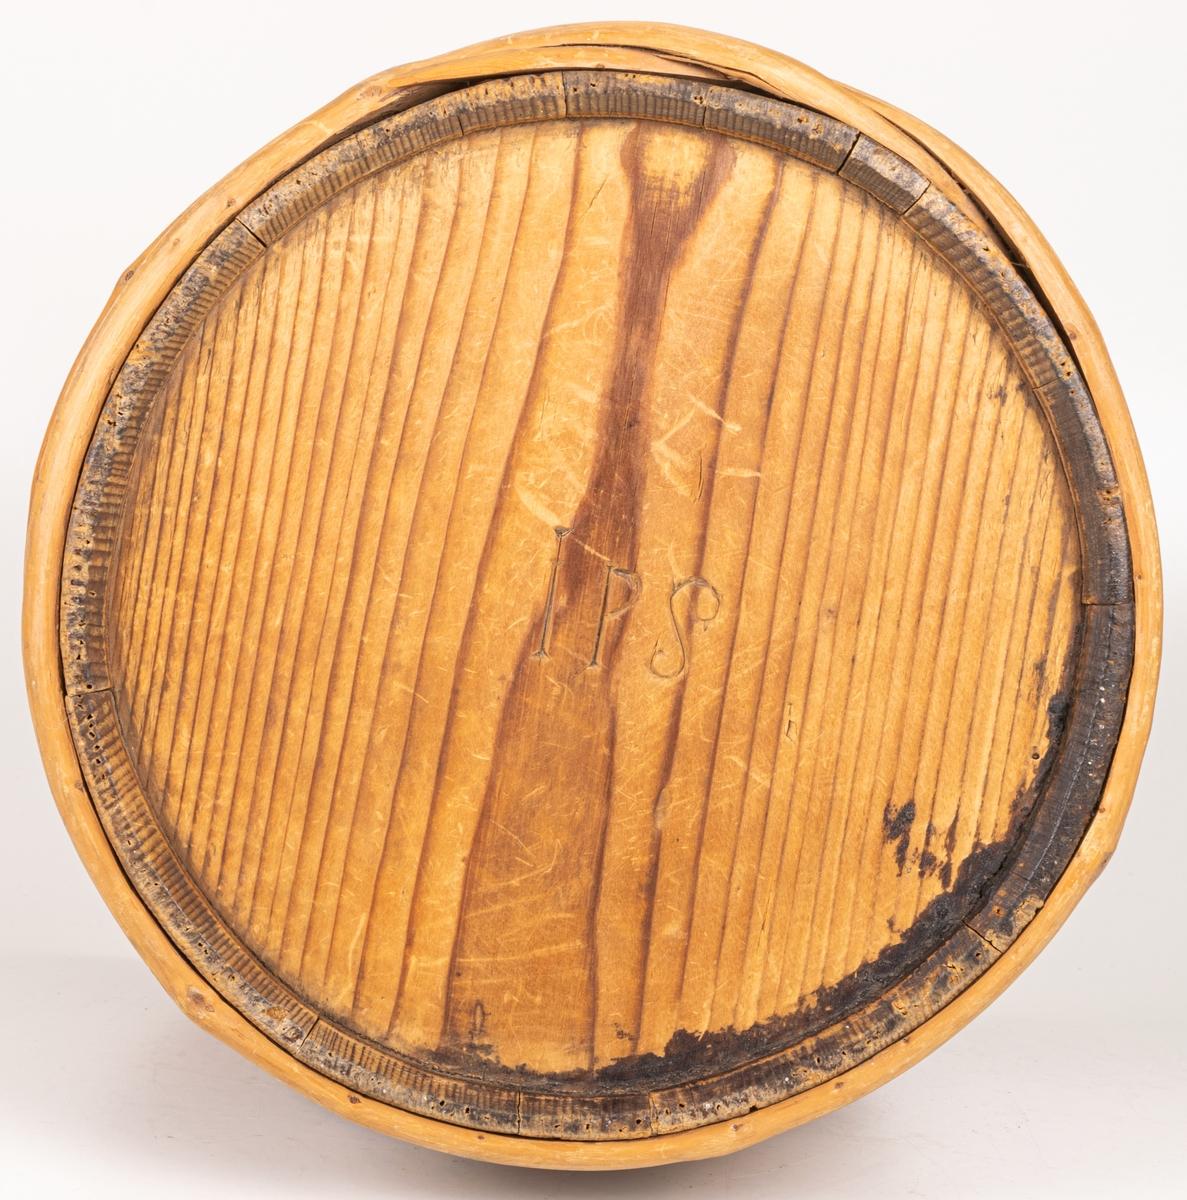 Laggkärl märkt: IPS 1840 5 1/4 Laggad av trä, eventuellt gran. Fyrkantigt hål på sidan. 11 träband.